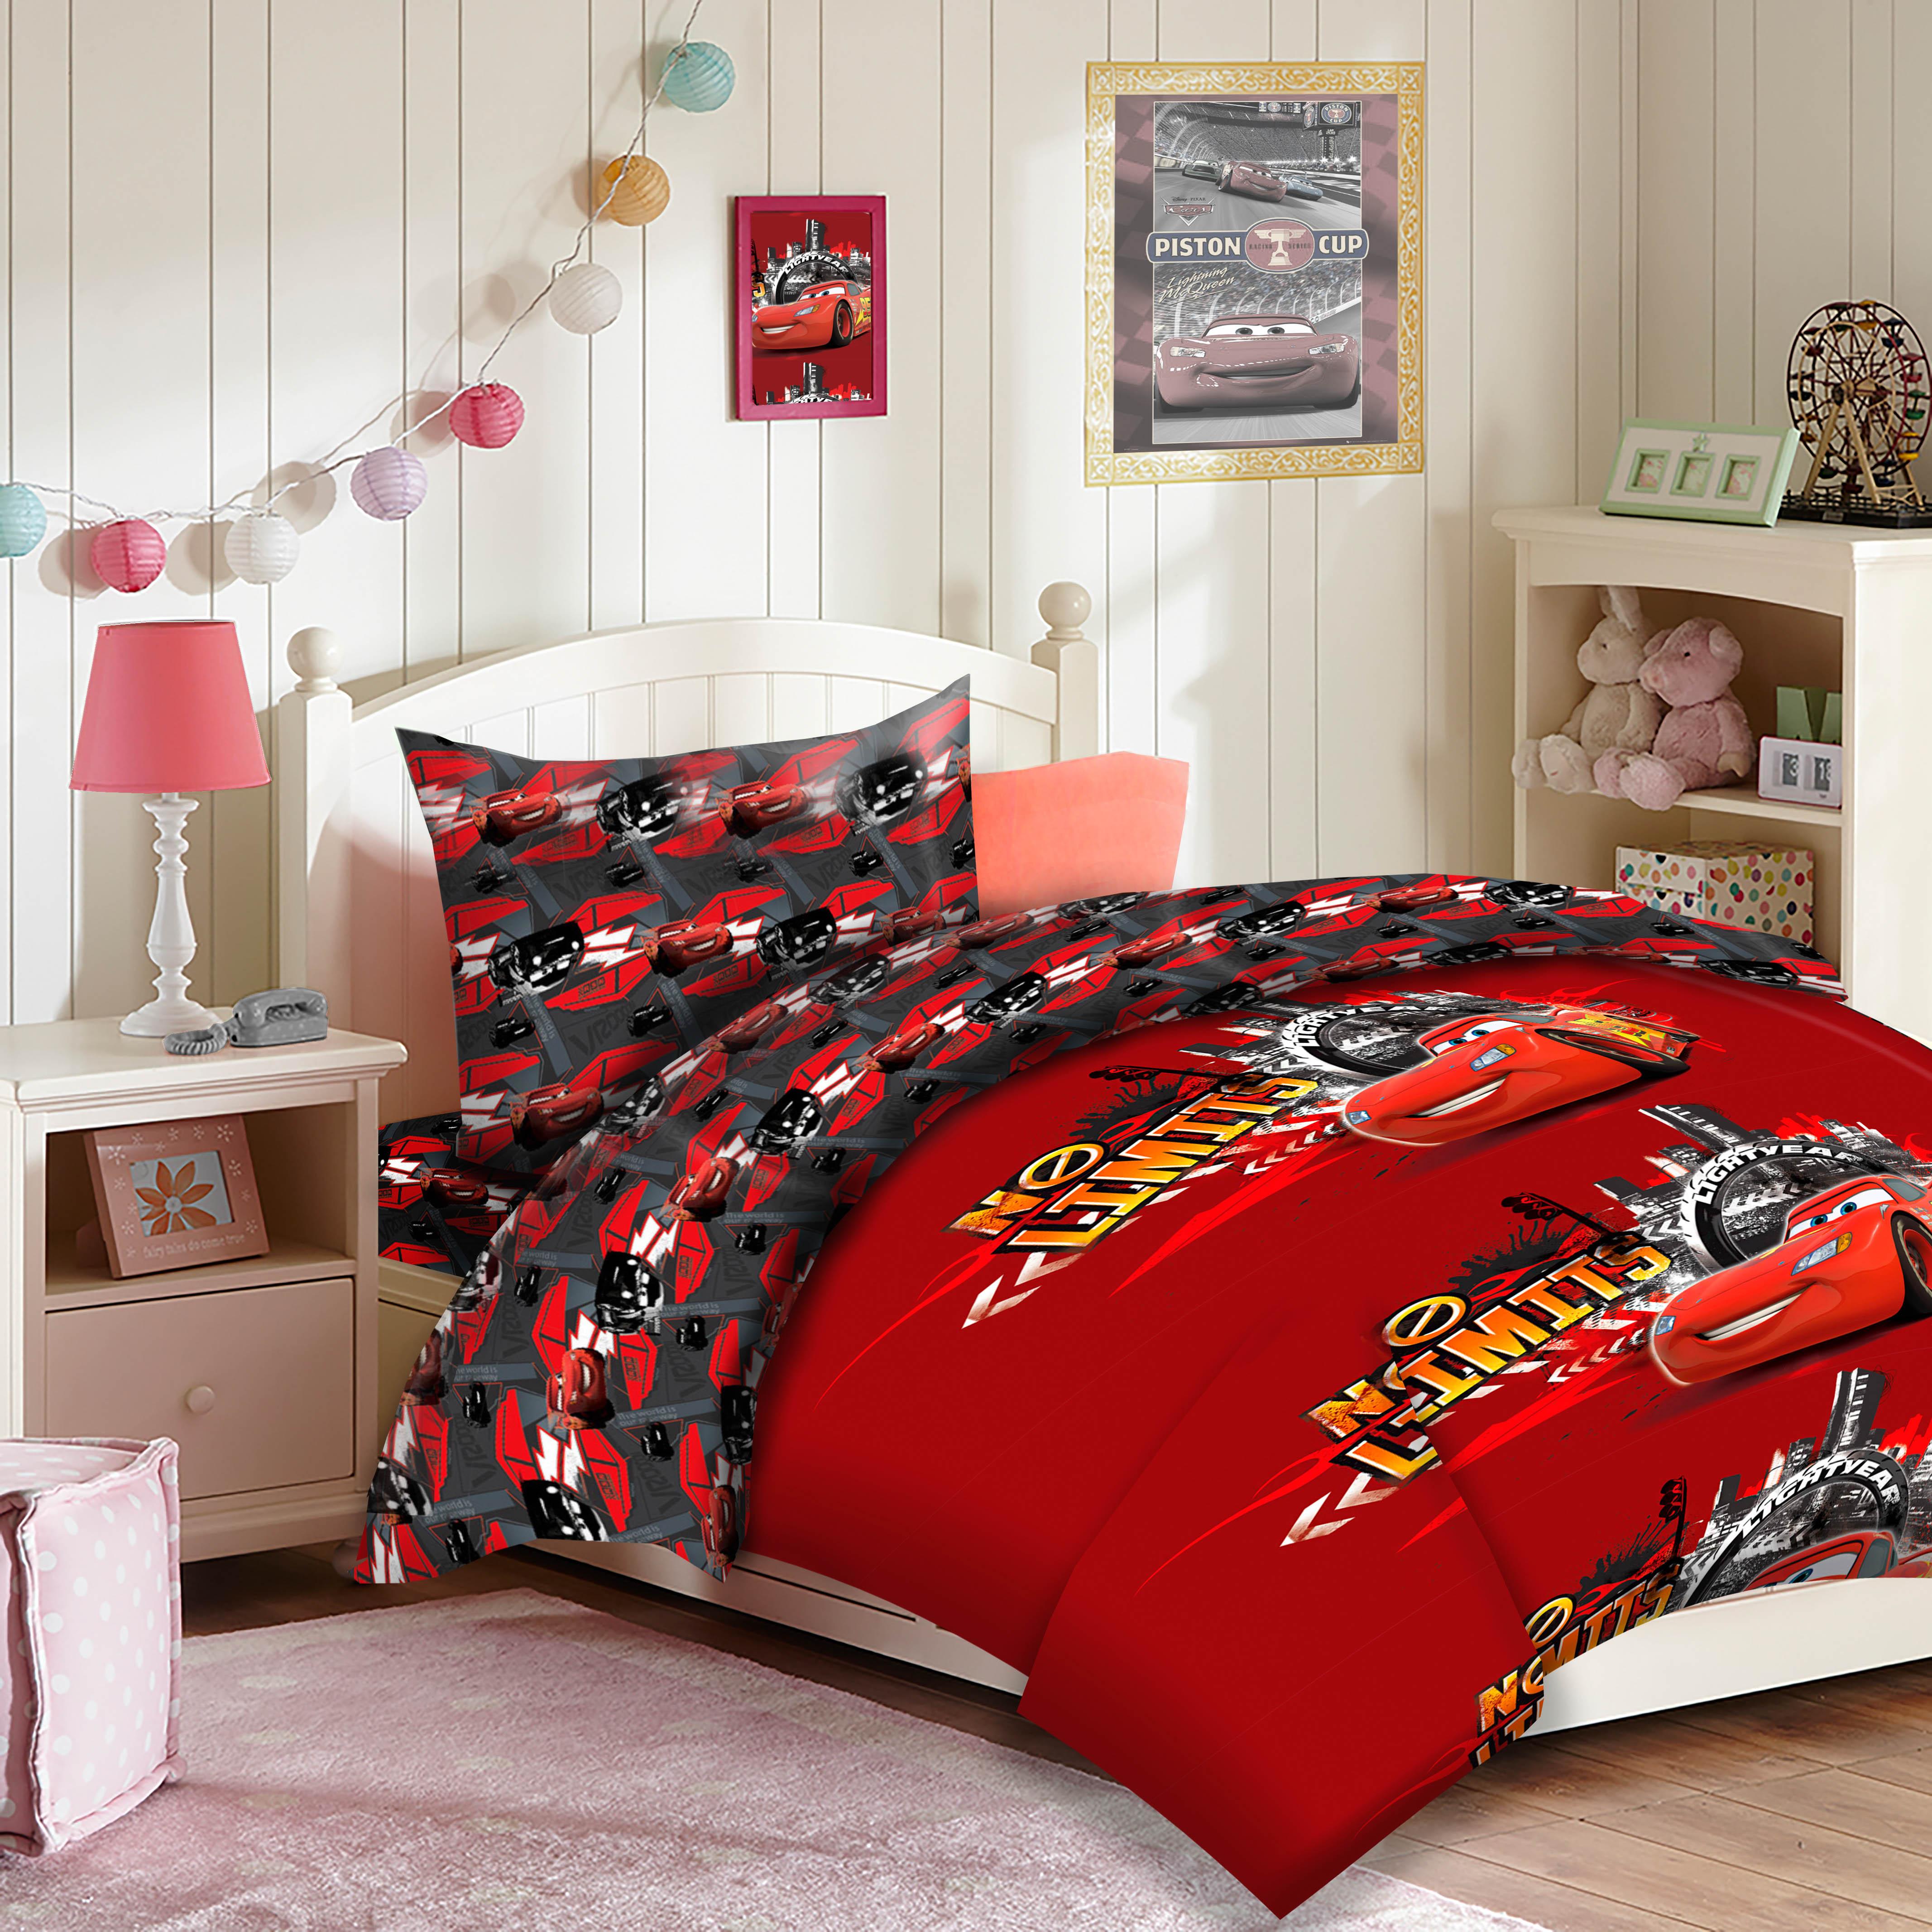 Детские покрывала, подушки, одеяла Mona Liza Детское одеяло Тачки (140х205 см) одеяло зимнее mona liza микки морячок наполнитель холлофайбер 105 см х 140 см